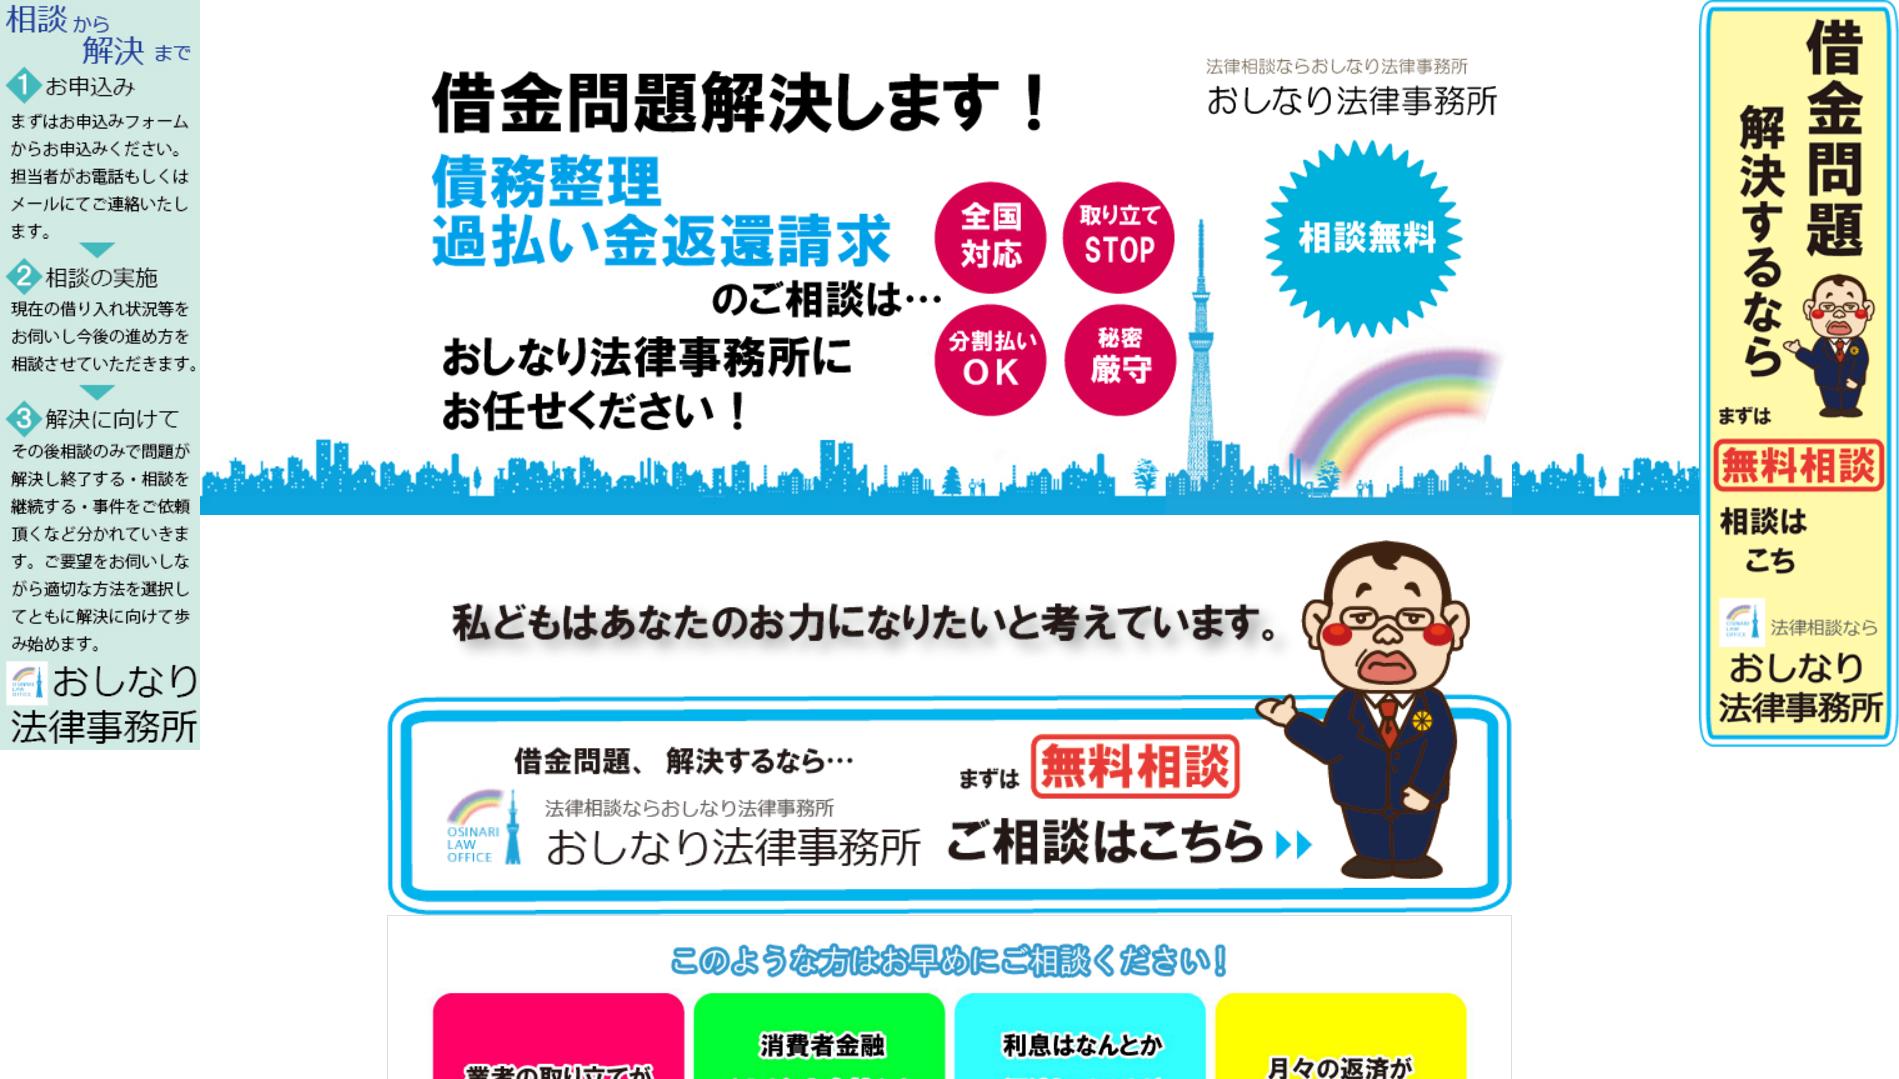 おしなり法律事務所(東京都墨田区錦糸)